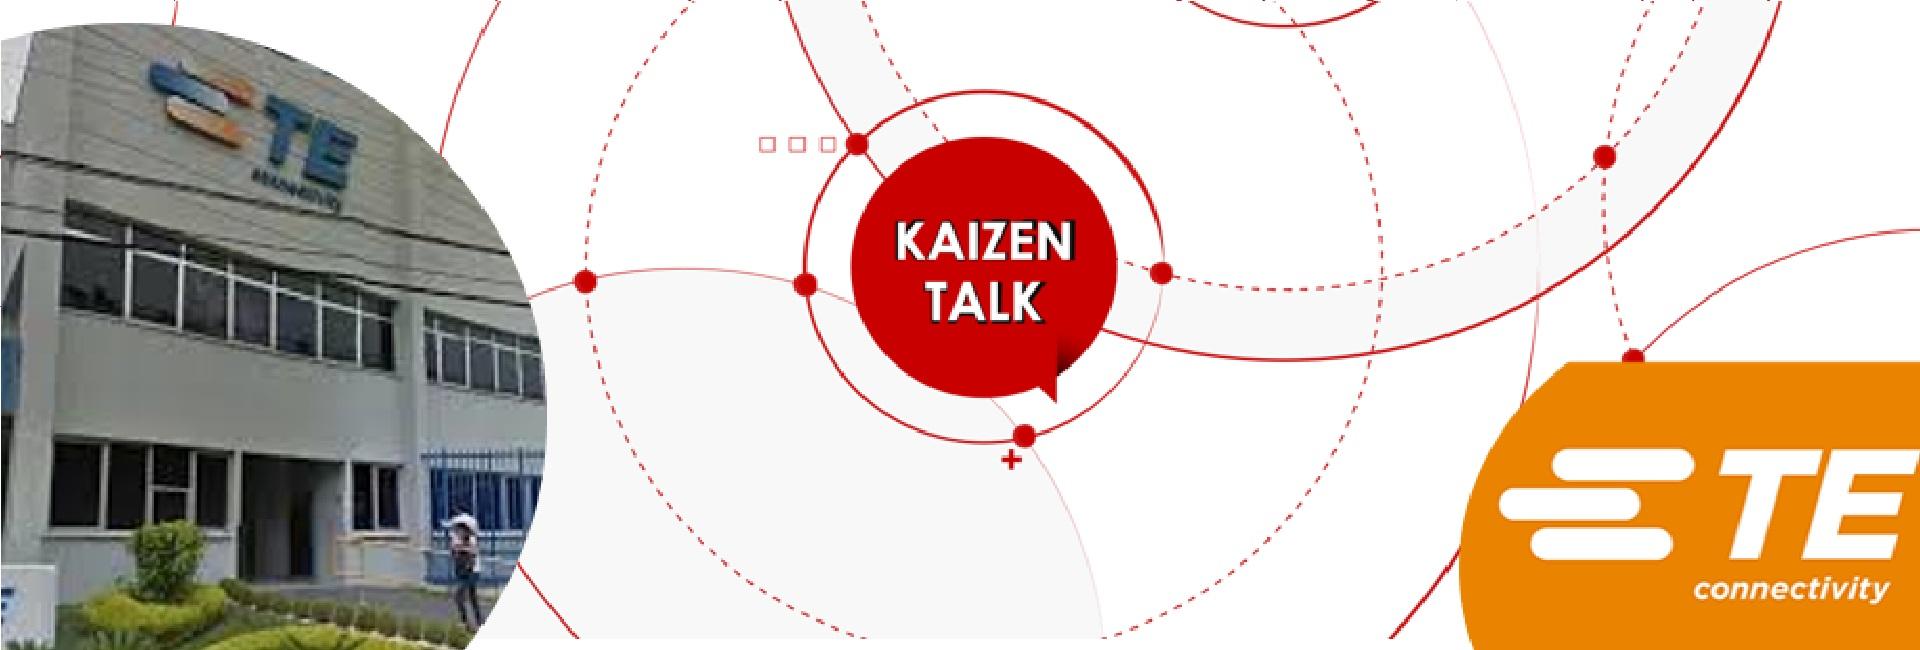 Kaizen Talk - TE